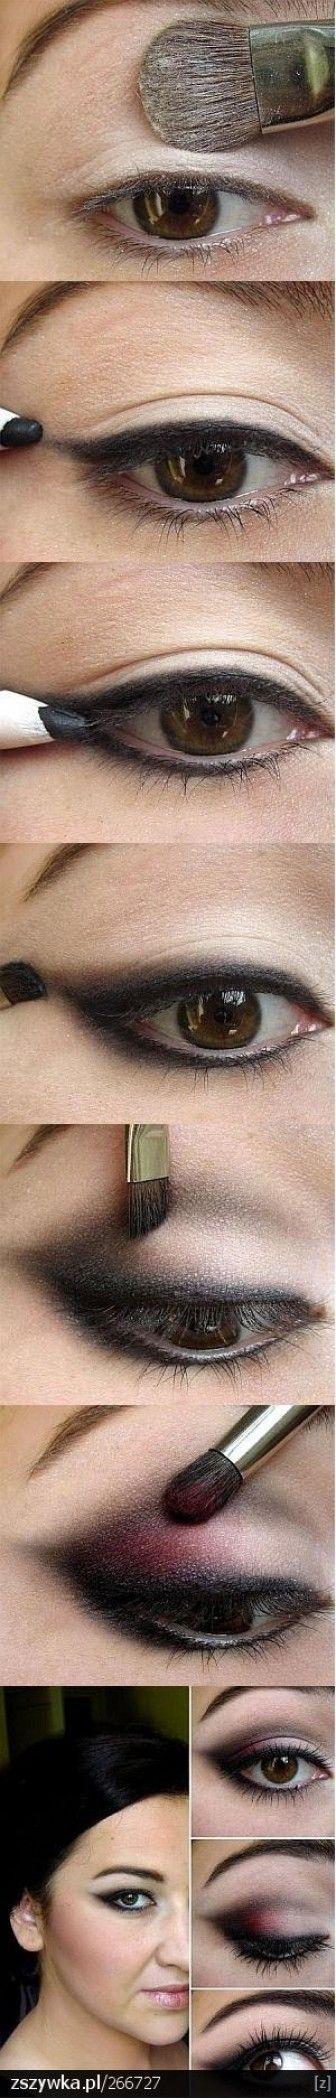 Özenli Bir Göz Makyajı